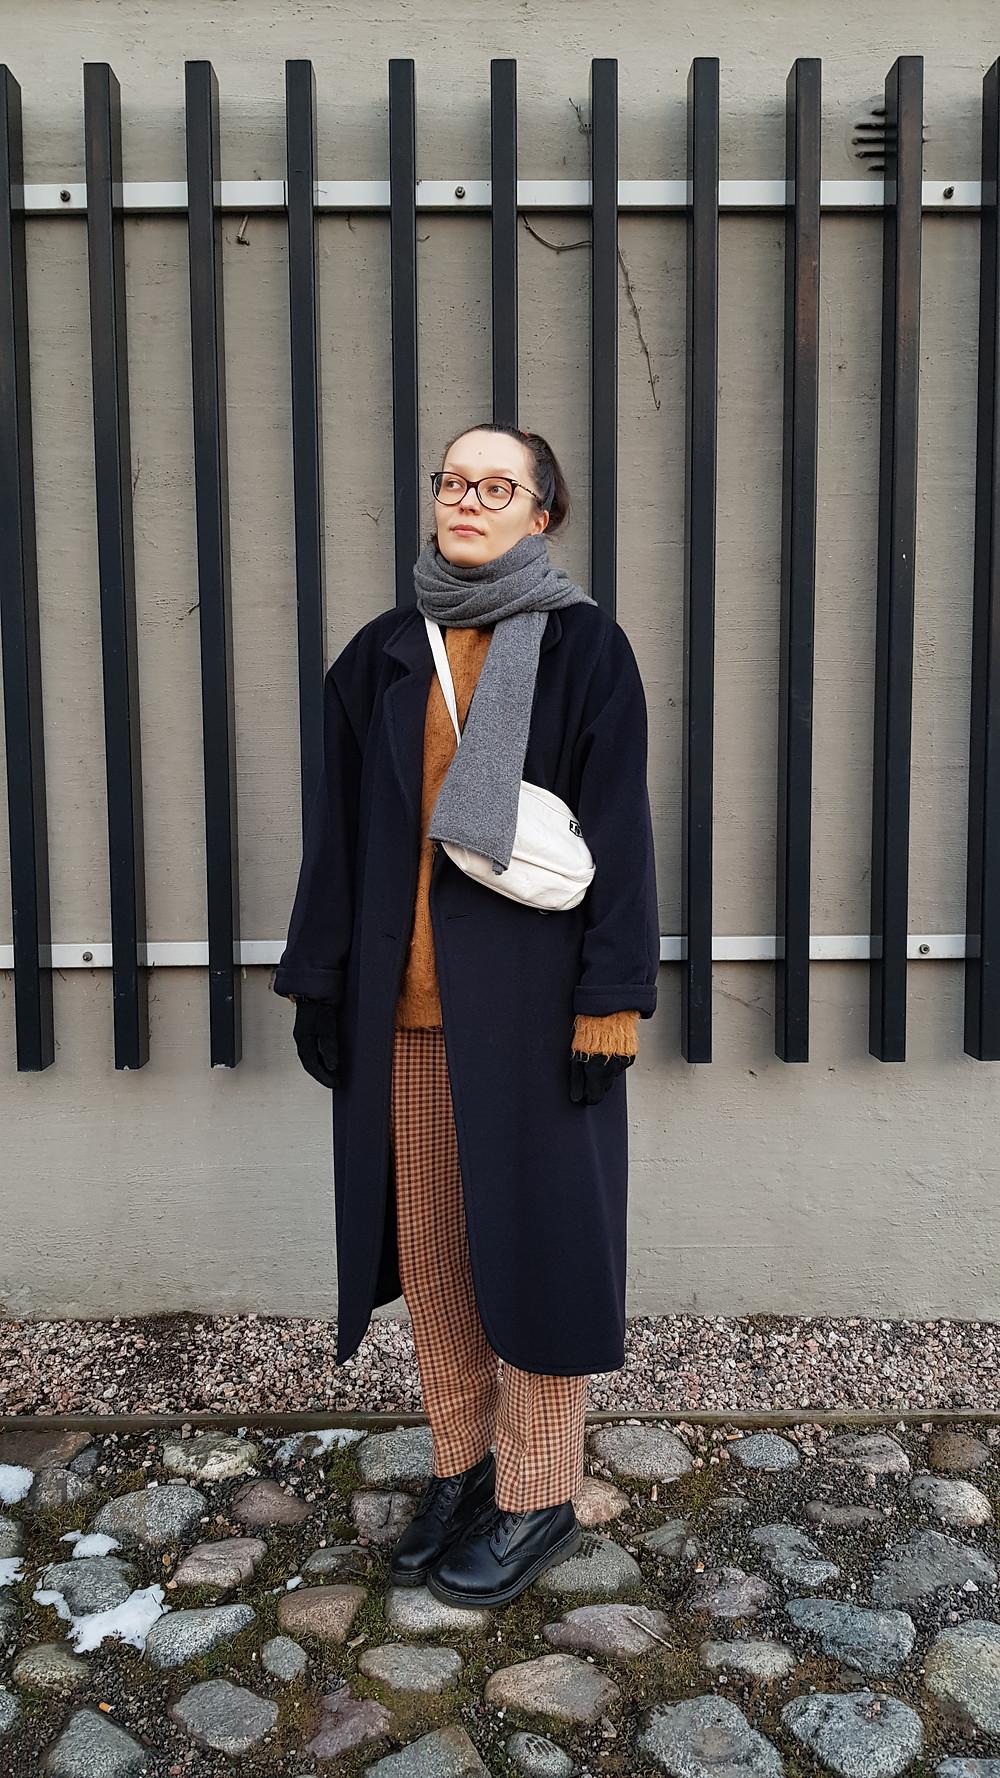 Kuvassa seison mukulakivetyksellä ja taustallani on mustista laudoista tehty paneeli. Katson yläviistoon ja päälläni on tummansininen takki, ruutuhousut ja maiharit.